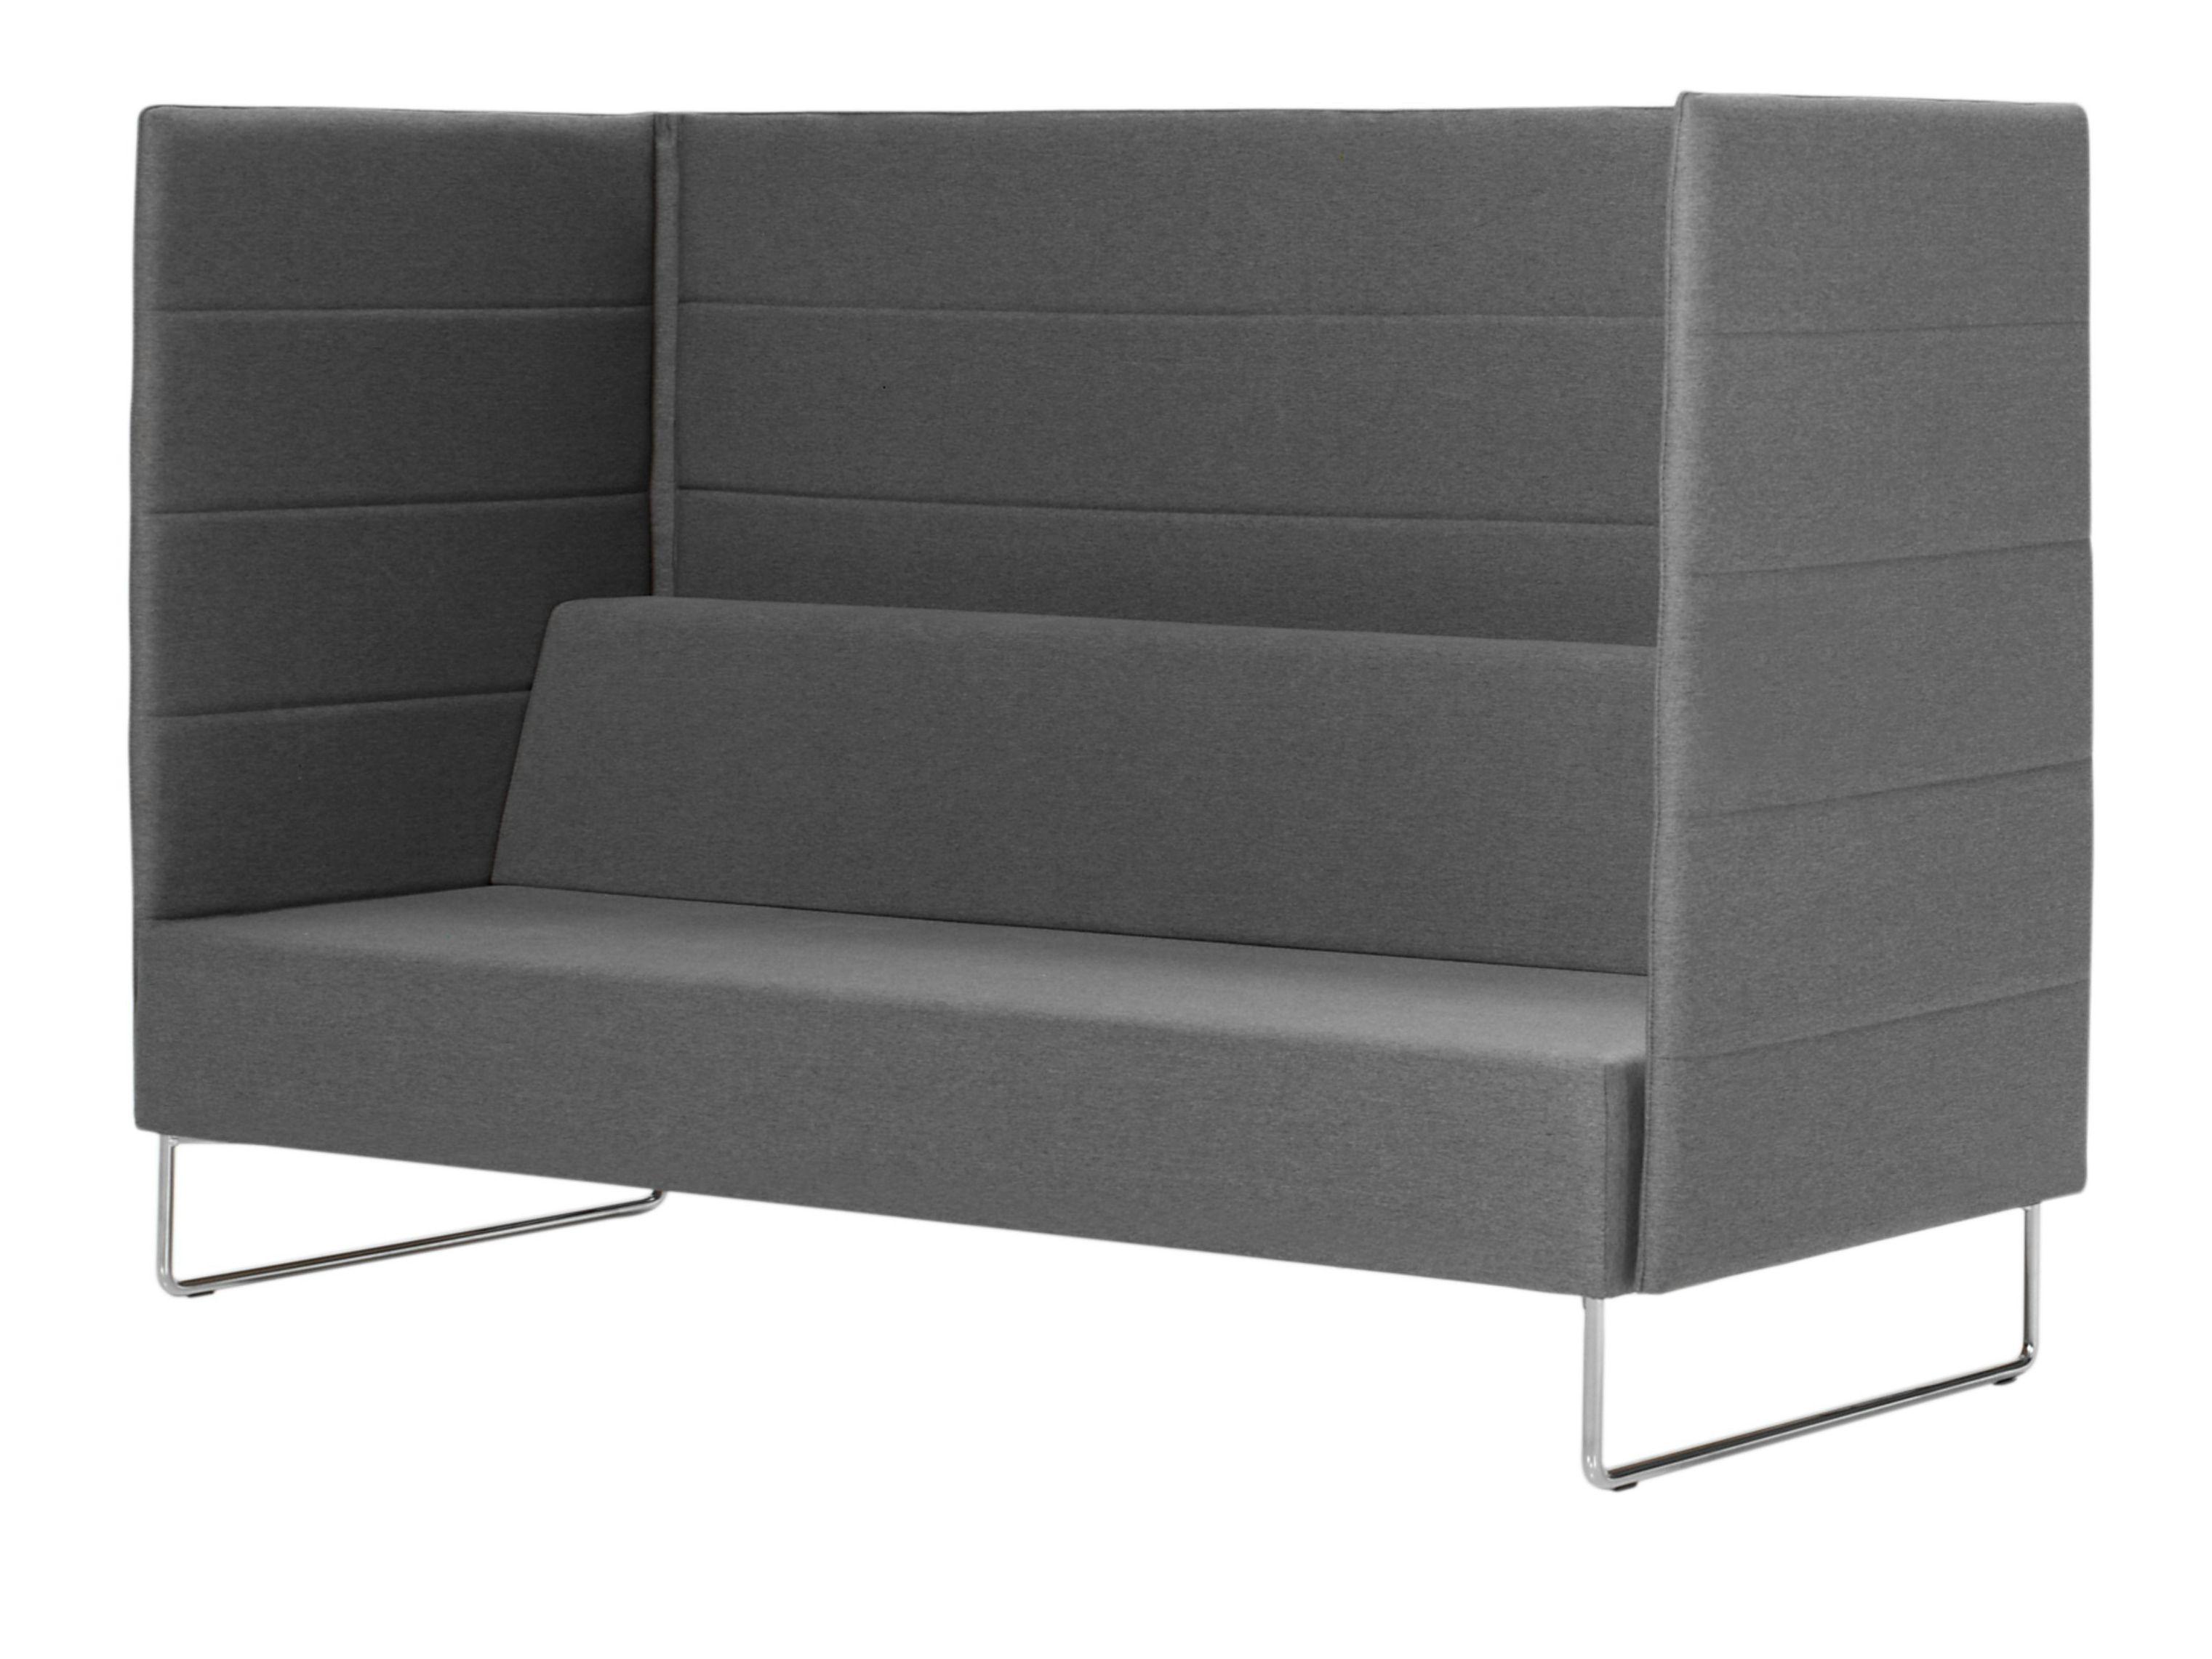 sofa aus stoff mit hoher r ckenlehne tetris sofa mit hoher. Black Bedroom Furniture Sets. Home Design Ideas